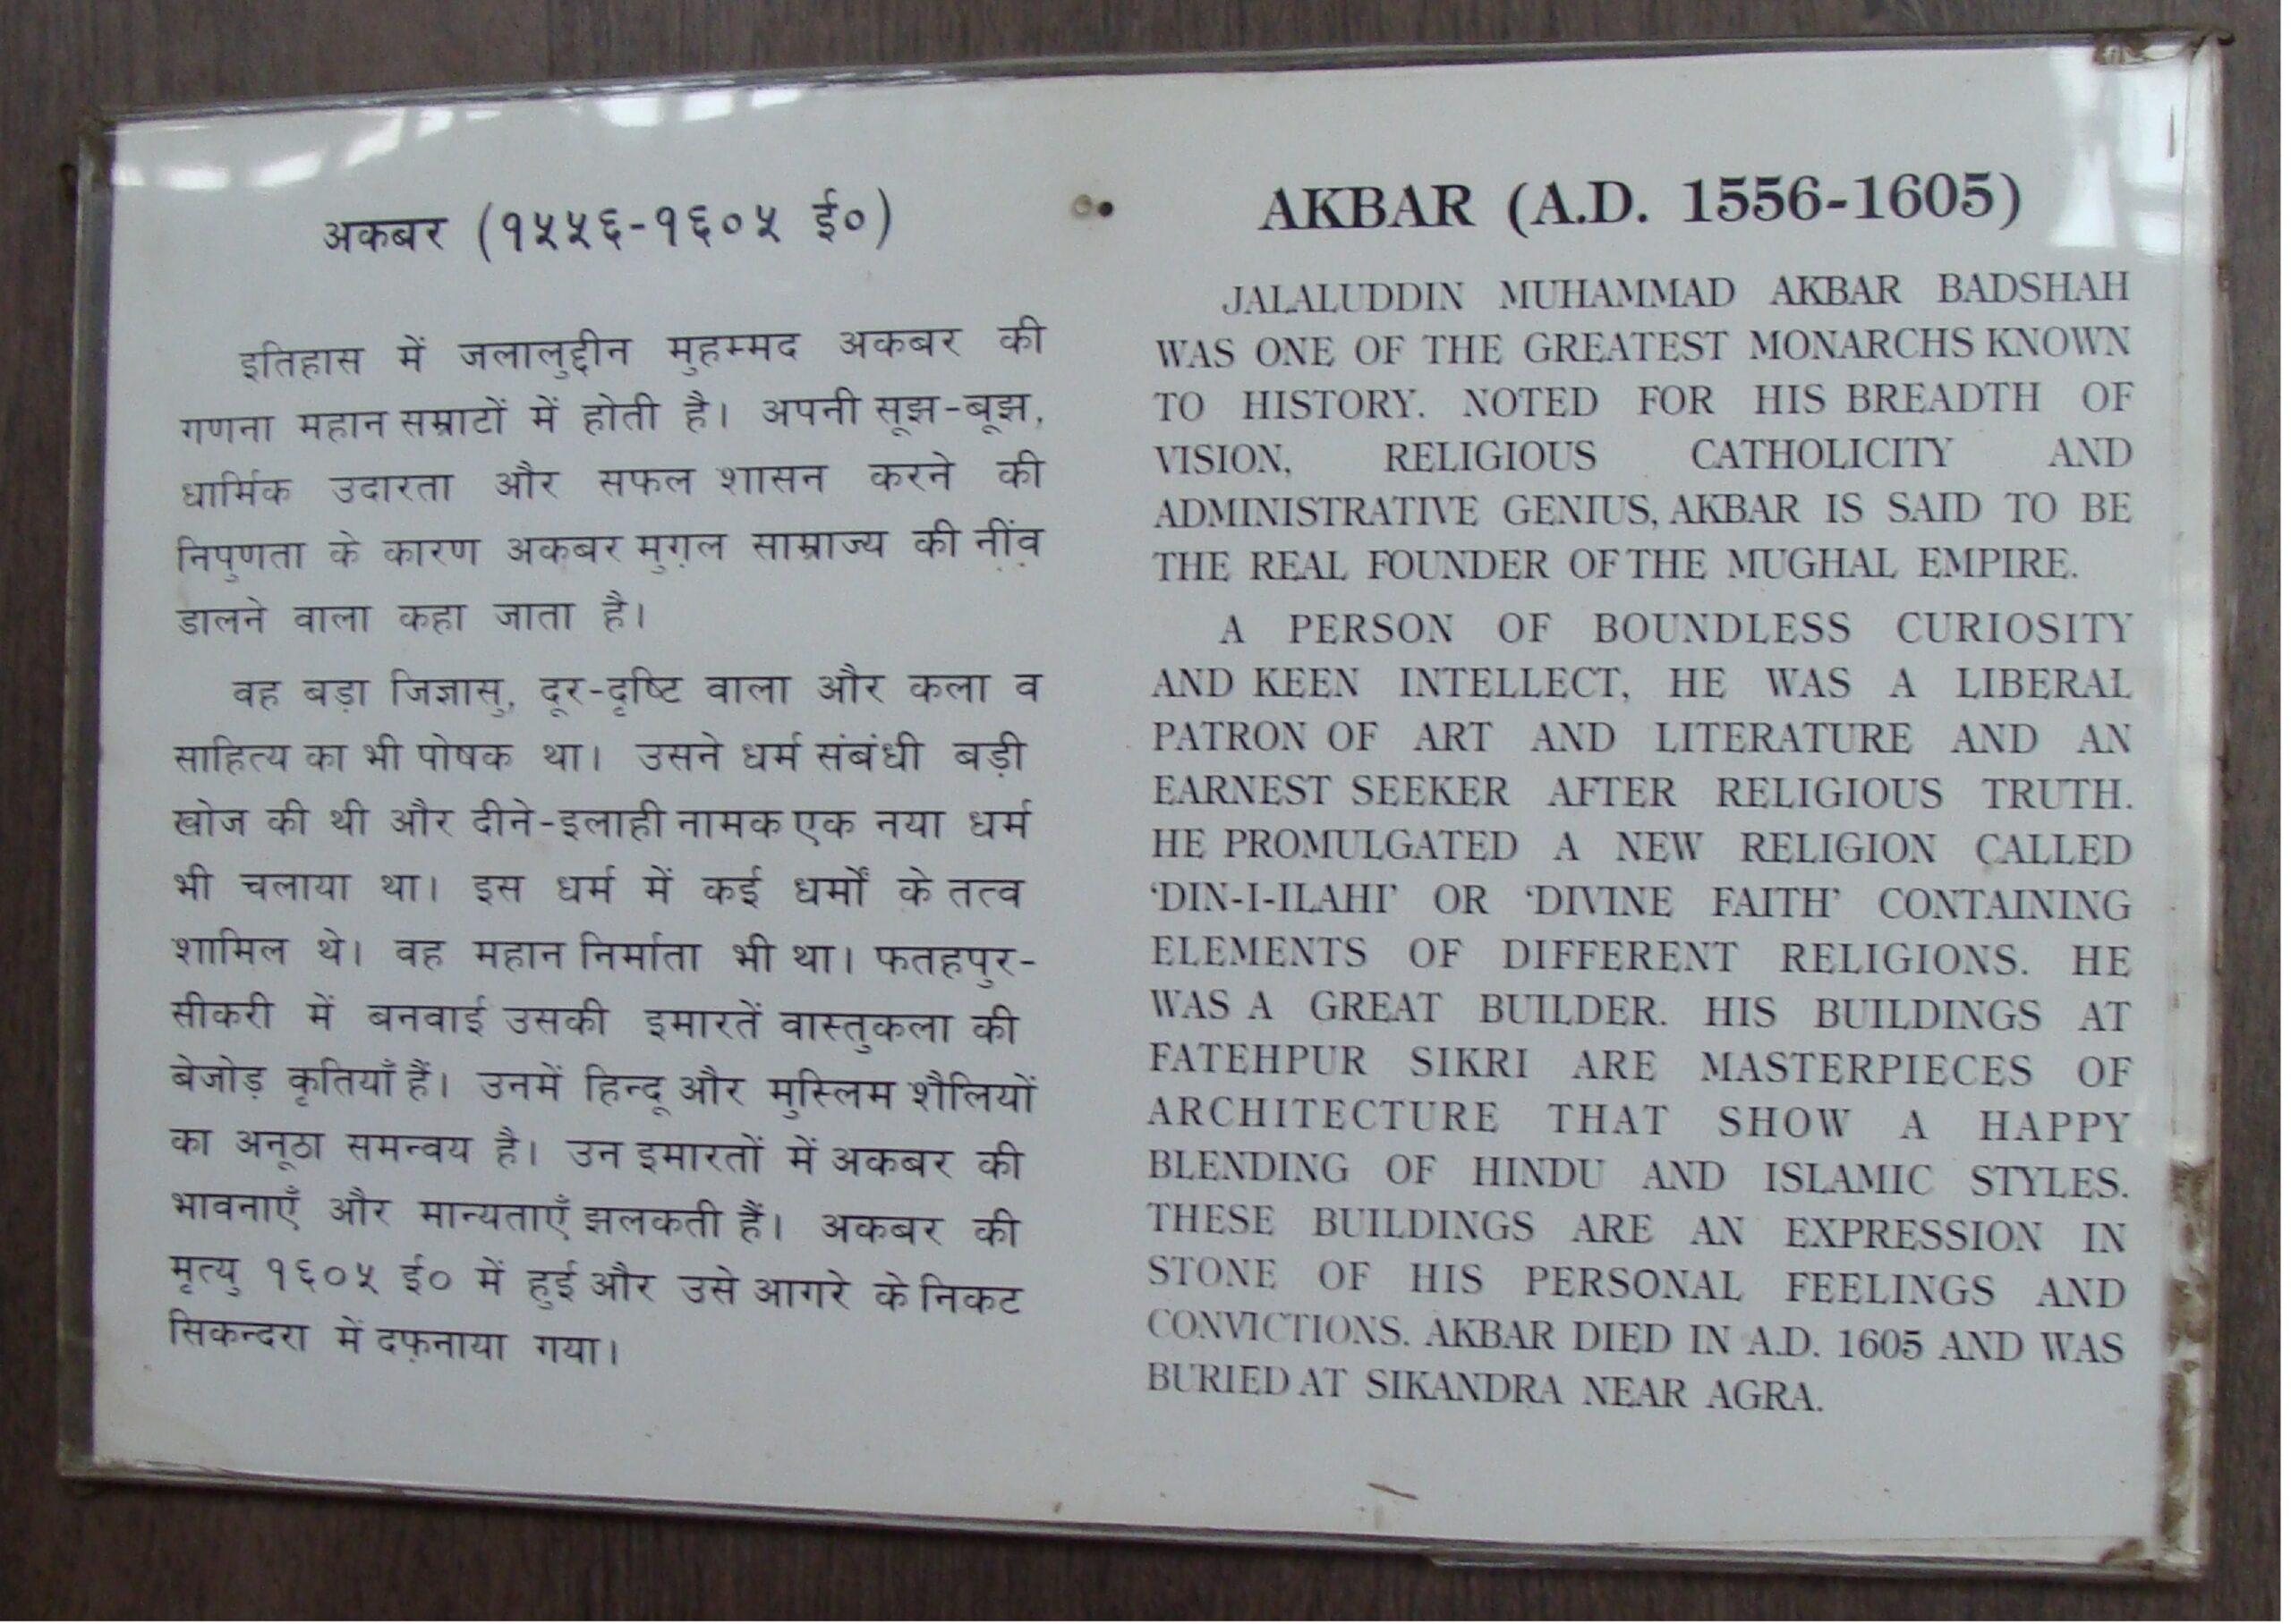 About: Akbar (A.D. 1556 - 1605)